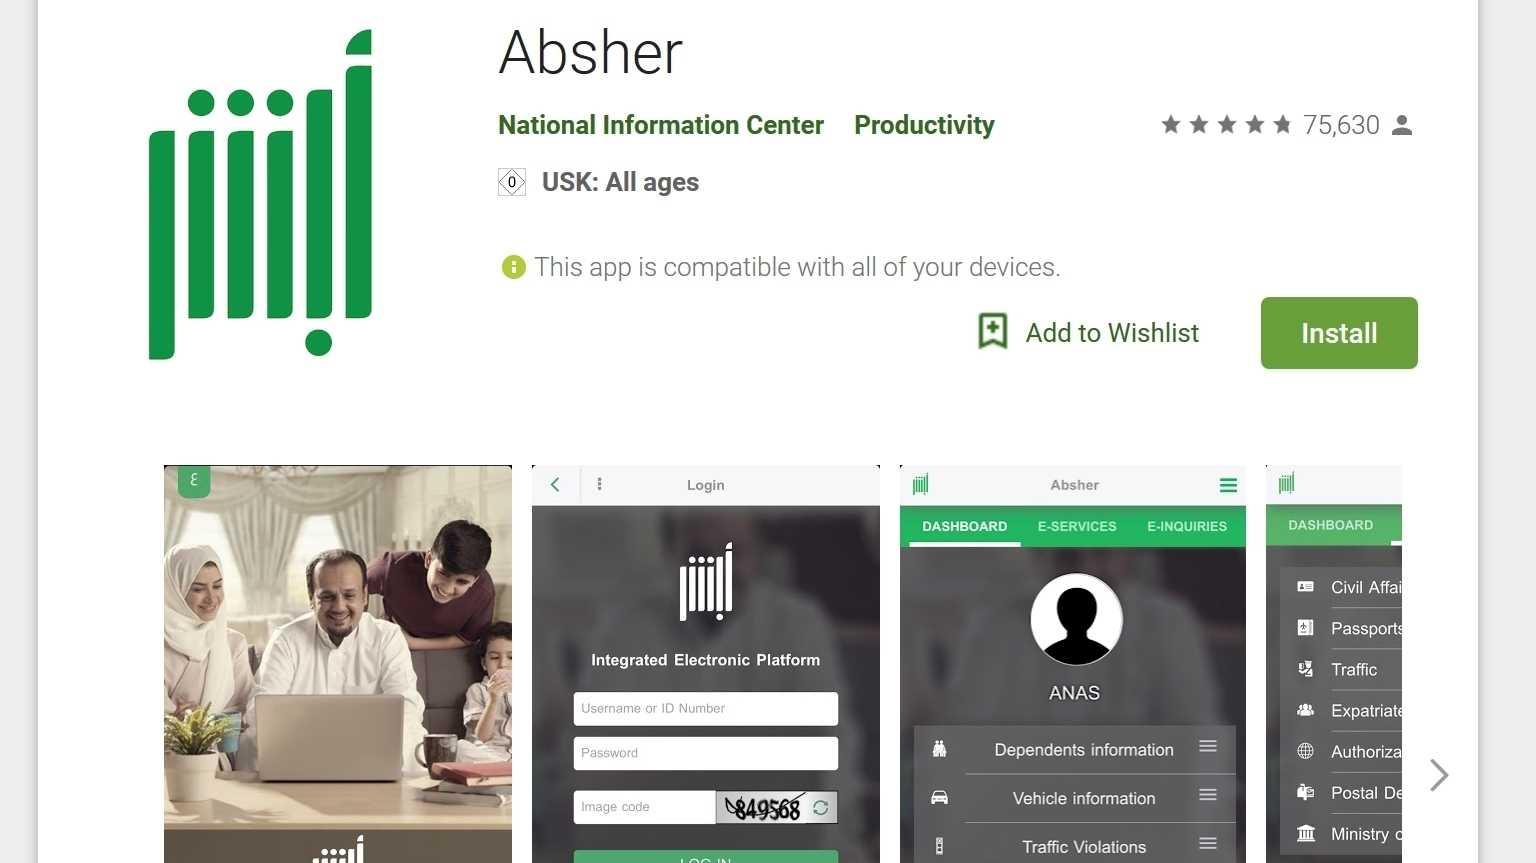 Kontroll-App für Frauen in Saudi-Arabien: Keine Sperrung durch Google und Apple